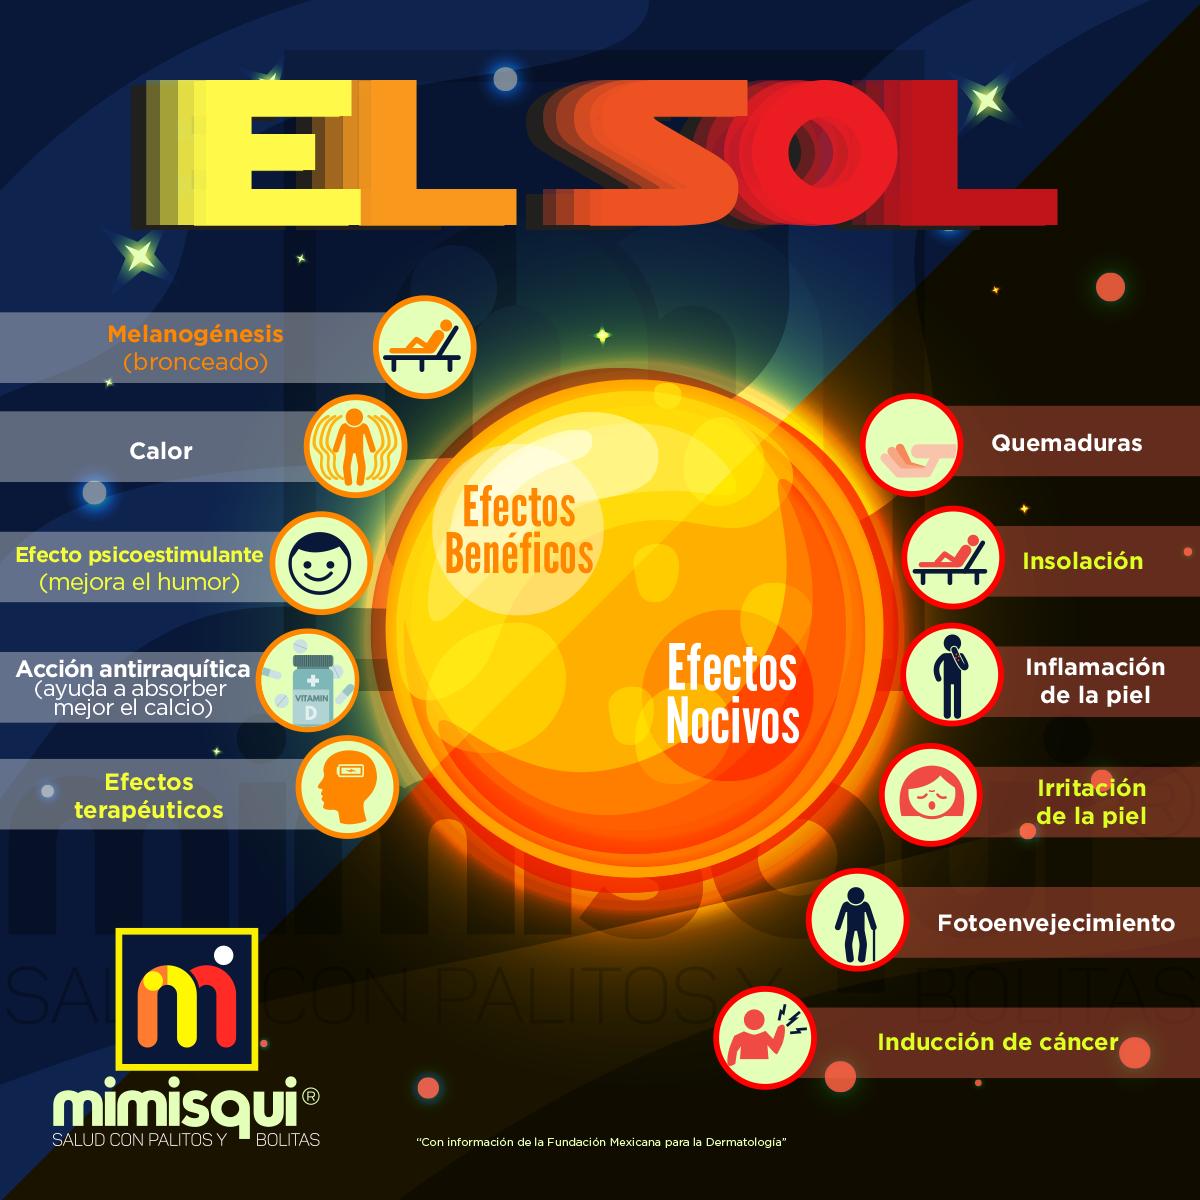 post_mimisqui_sol.png